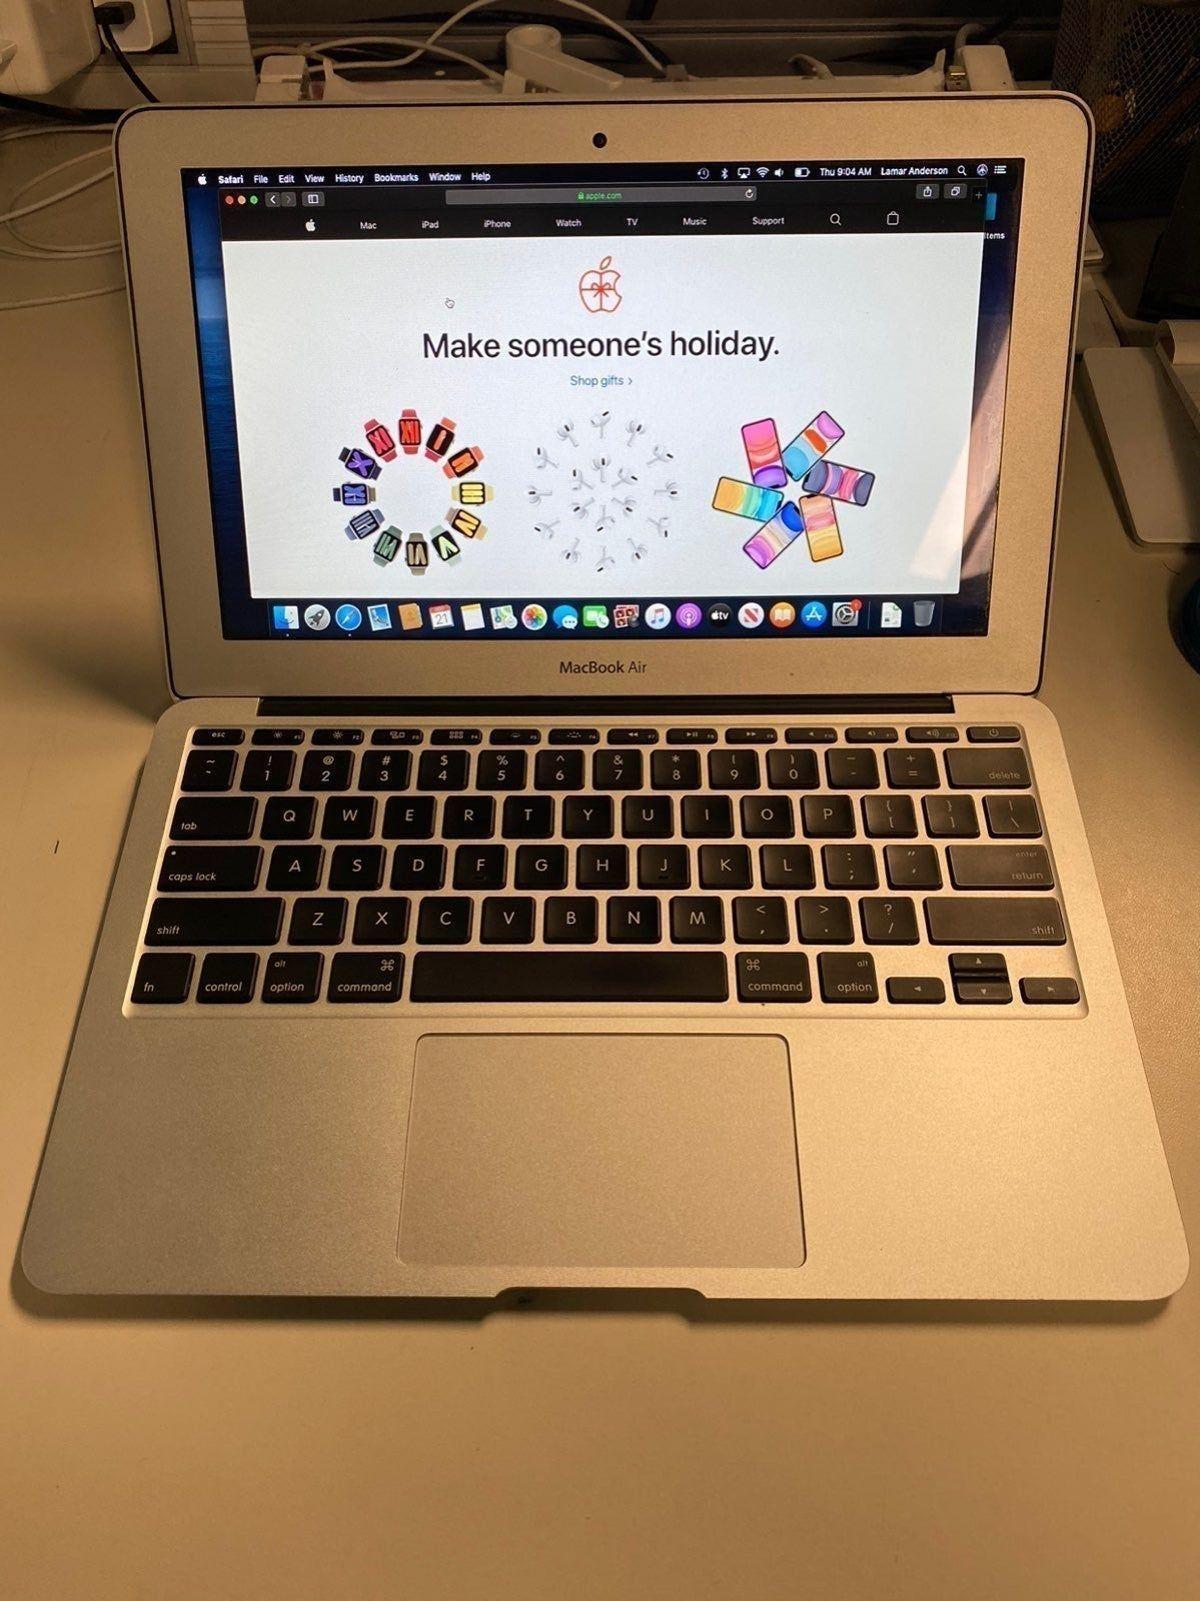 Macbook Air 11 Inch 2013 500gb In 2020 Macbook Air 11 Inch Macbook Macbook Air